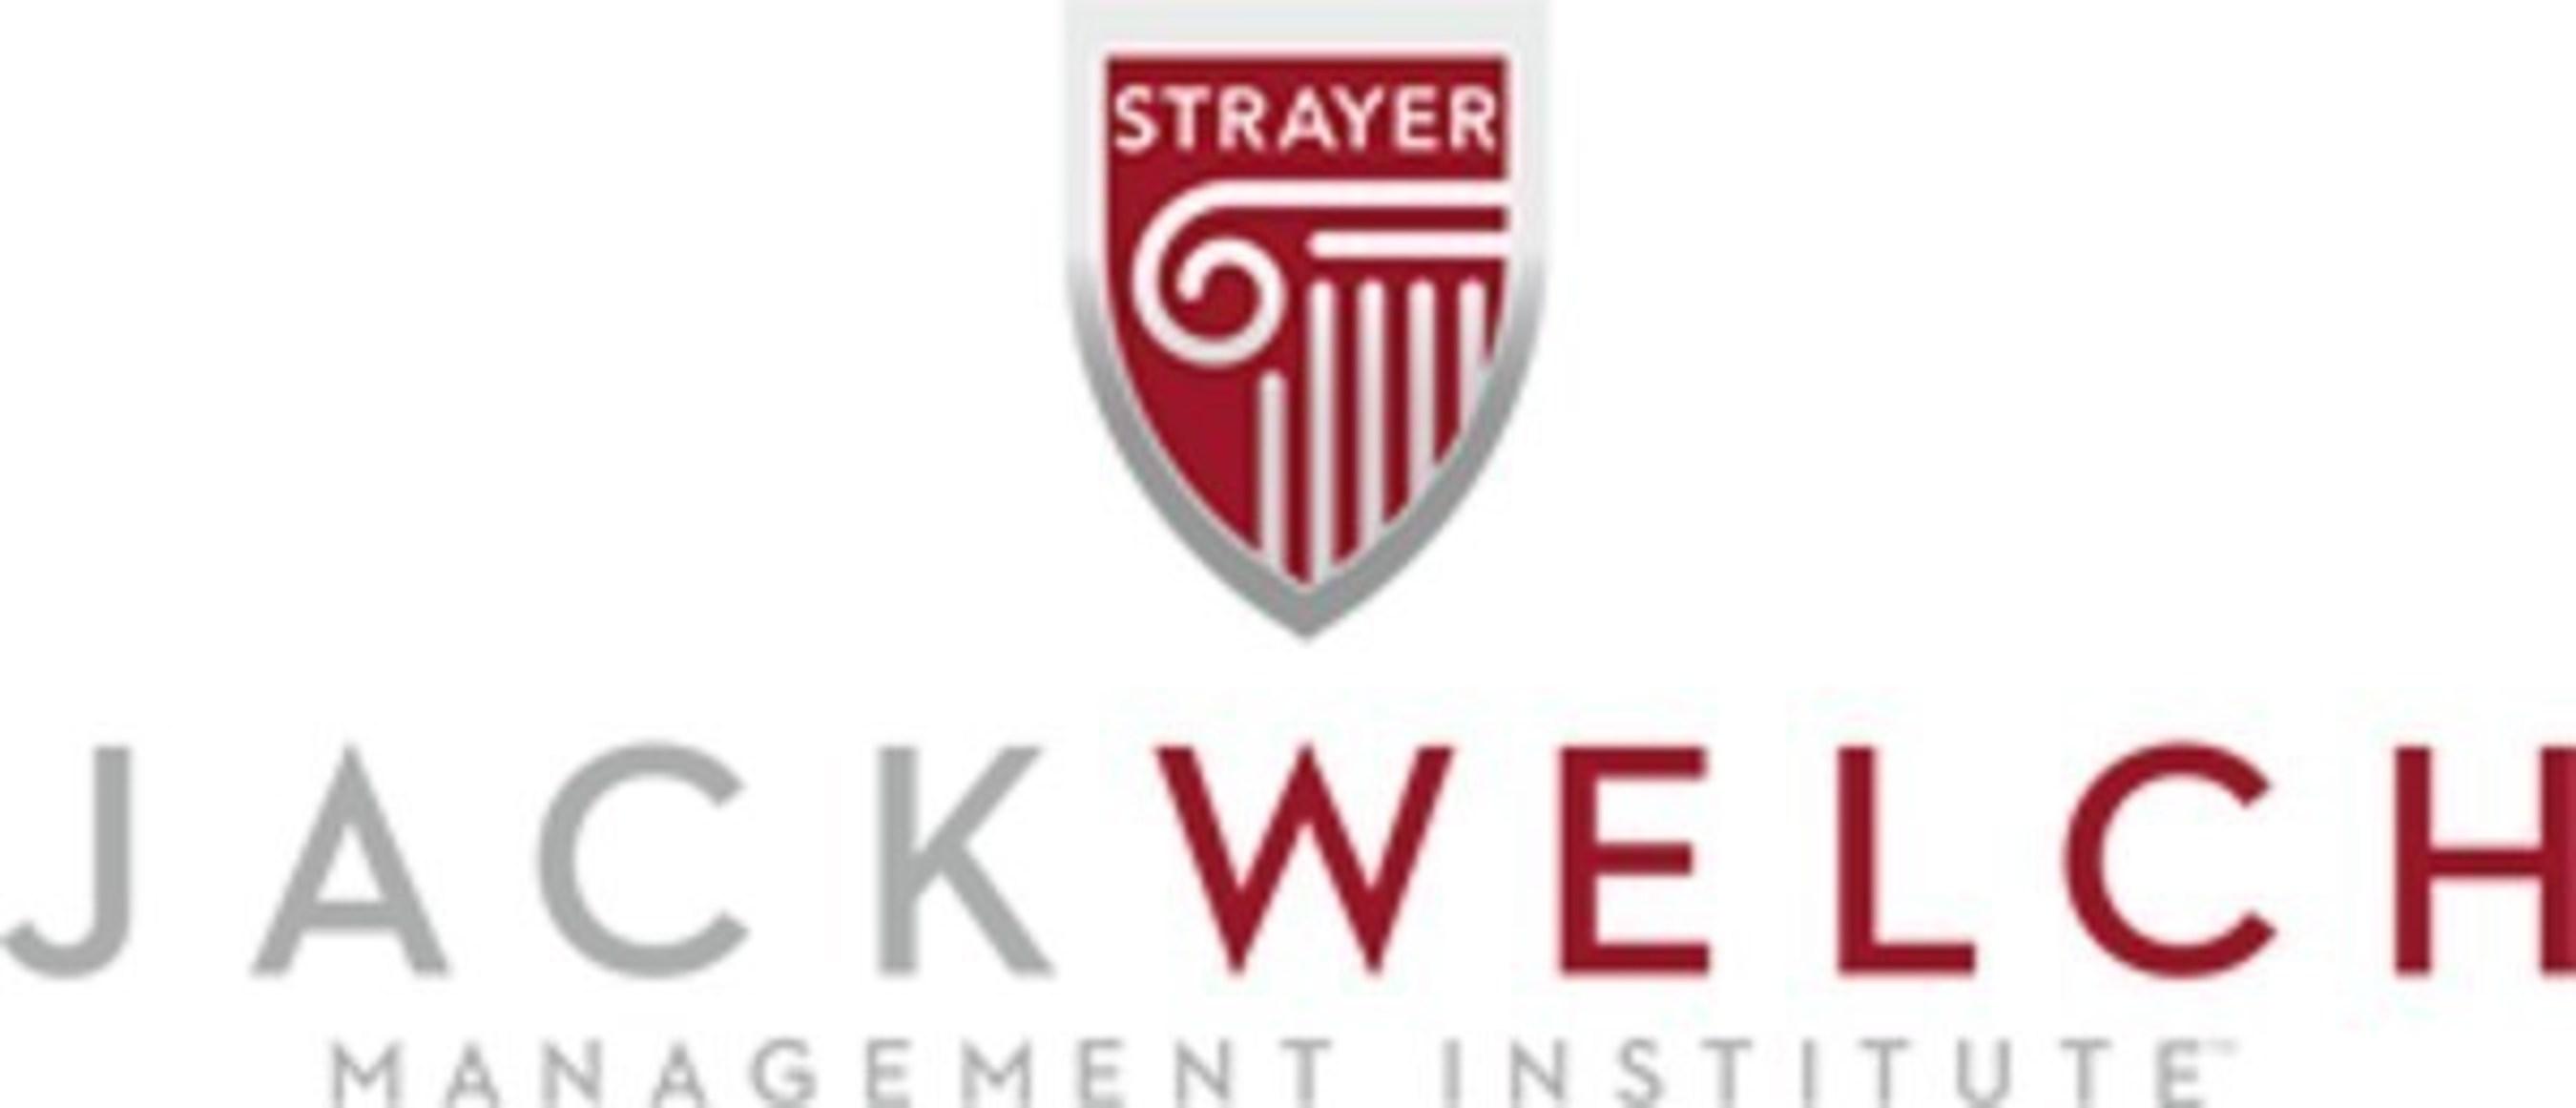 Jack Welch Management Institute Logo